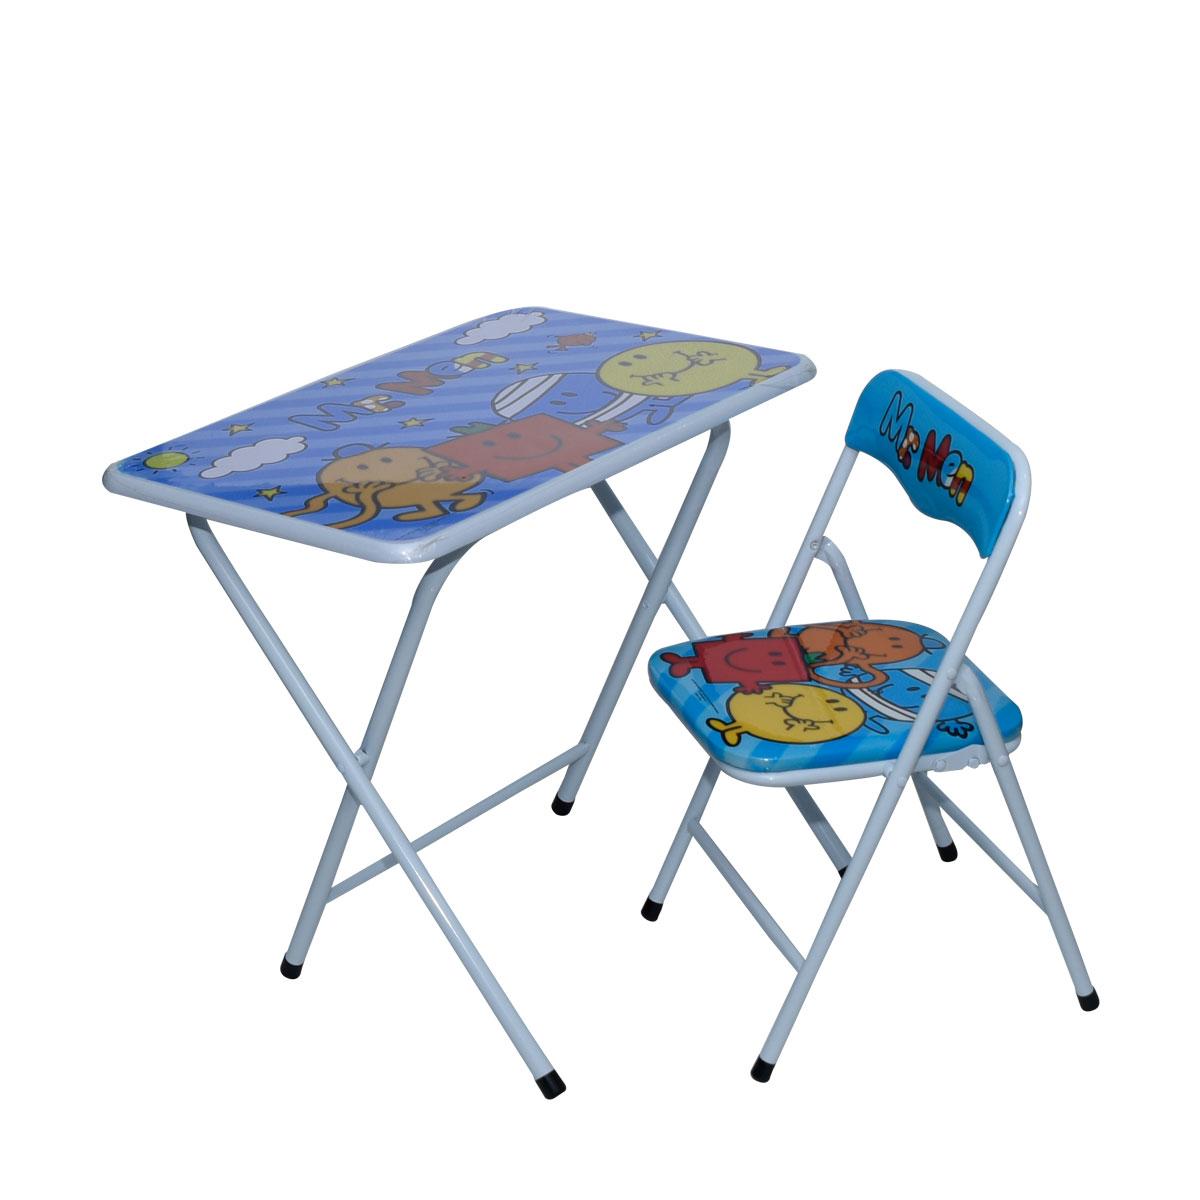 طاولة اطفال مدرسية مستر من خشب بقواعد من الحديد + كرسي